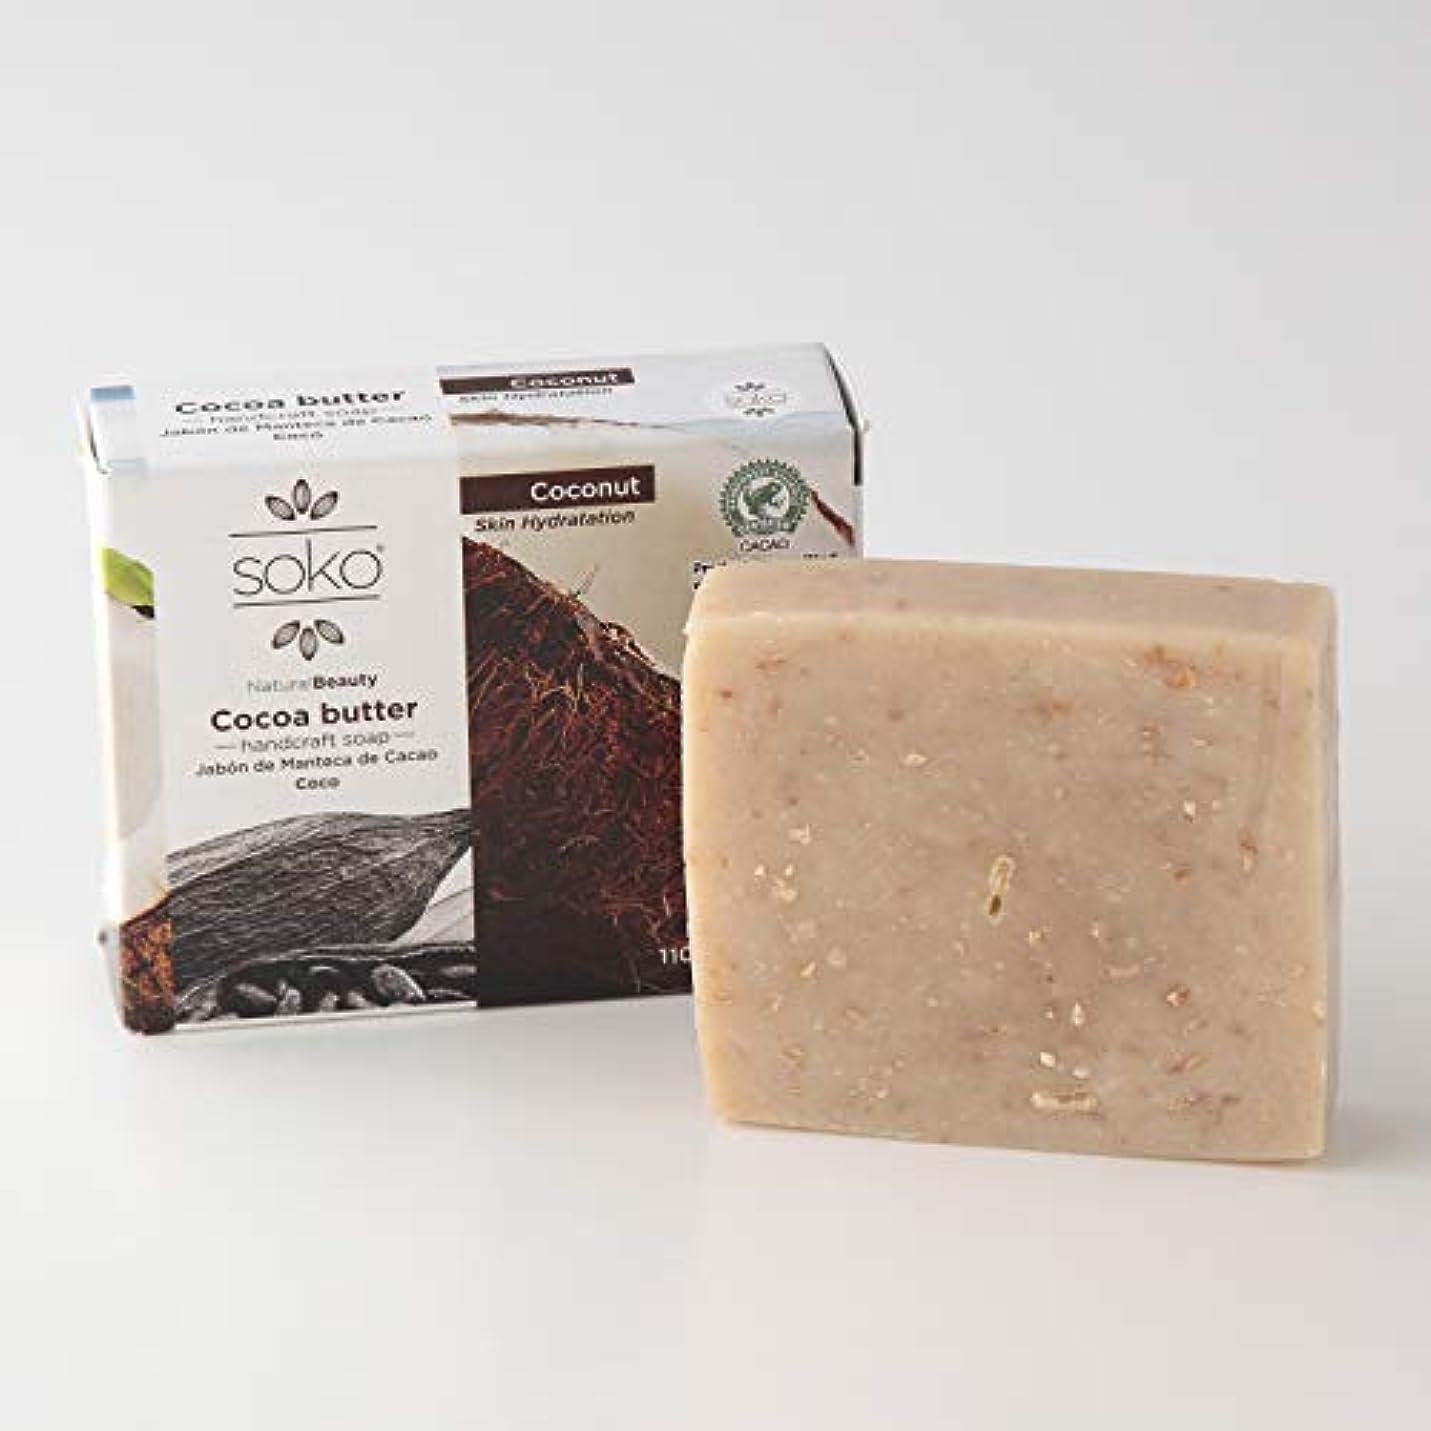 単調なサンドイッチ一貫性のないカカオバター ナチュラル石けん 110g ココナッツ お肌が脂っぽい方